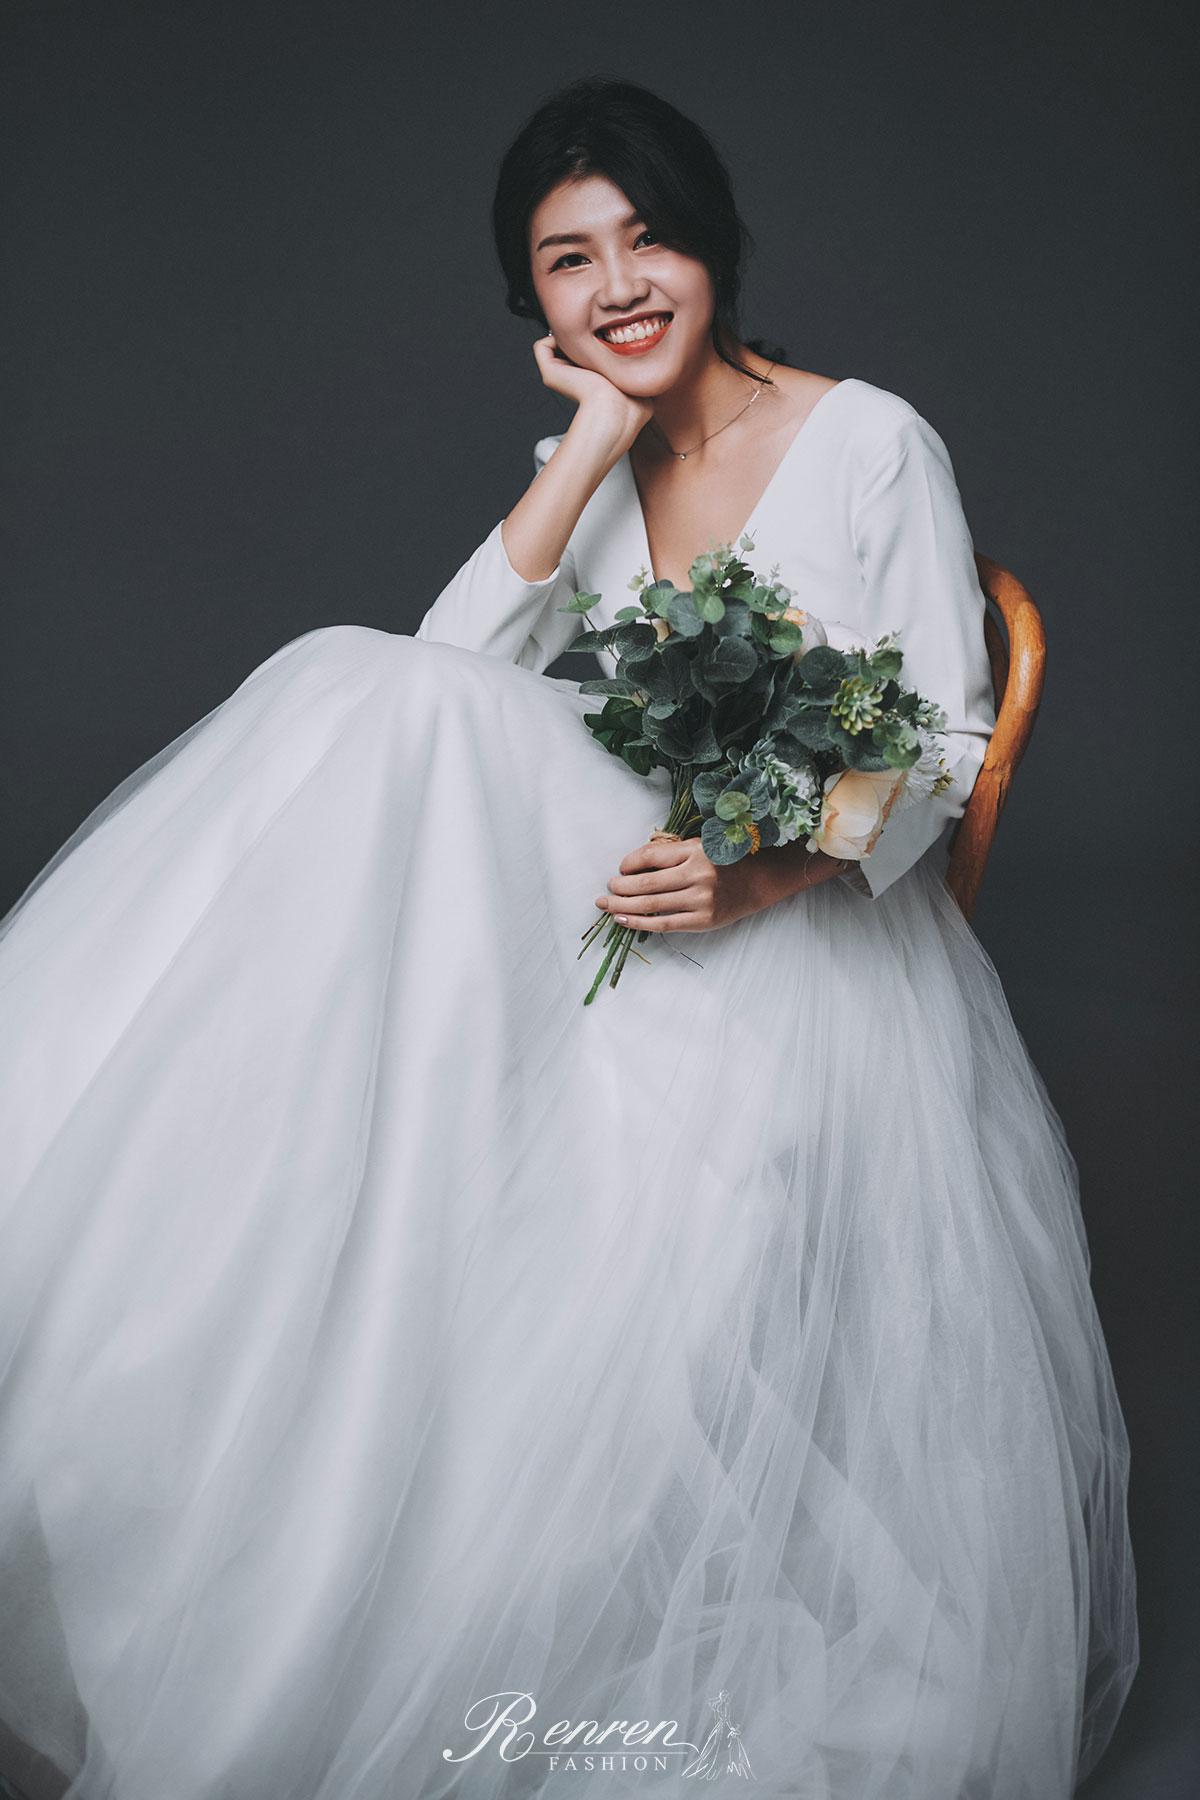 婚紗 美式自然 - 台中-冉冉婚紗-婚紗棚拍